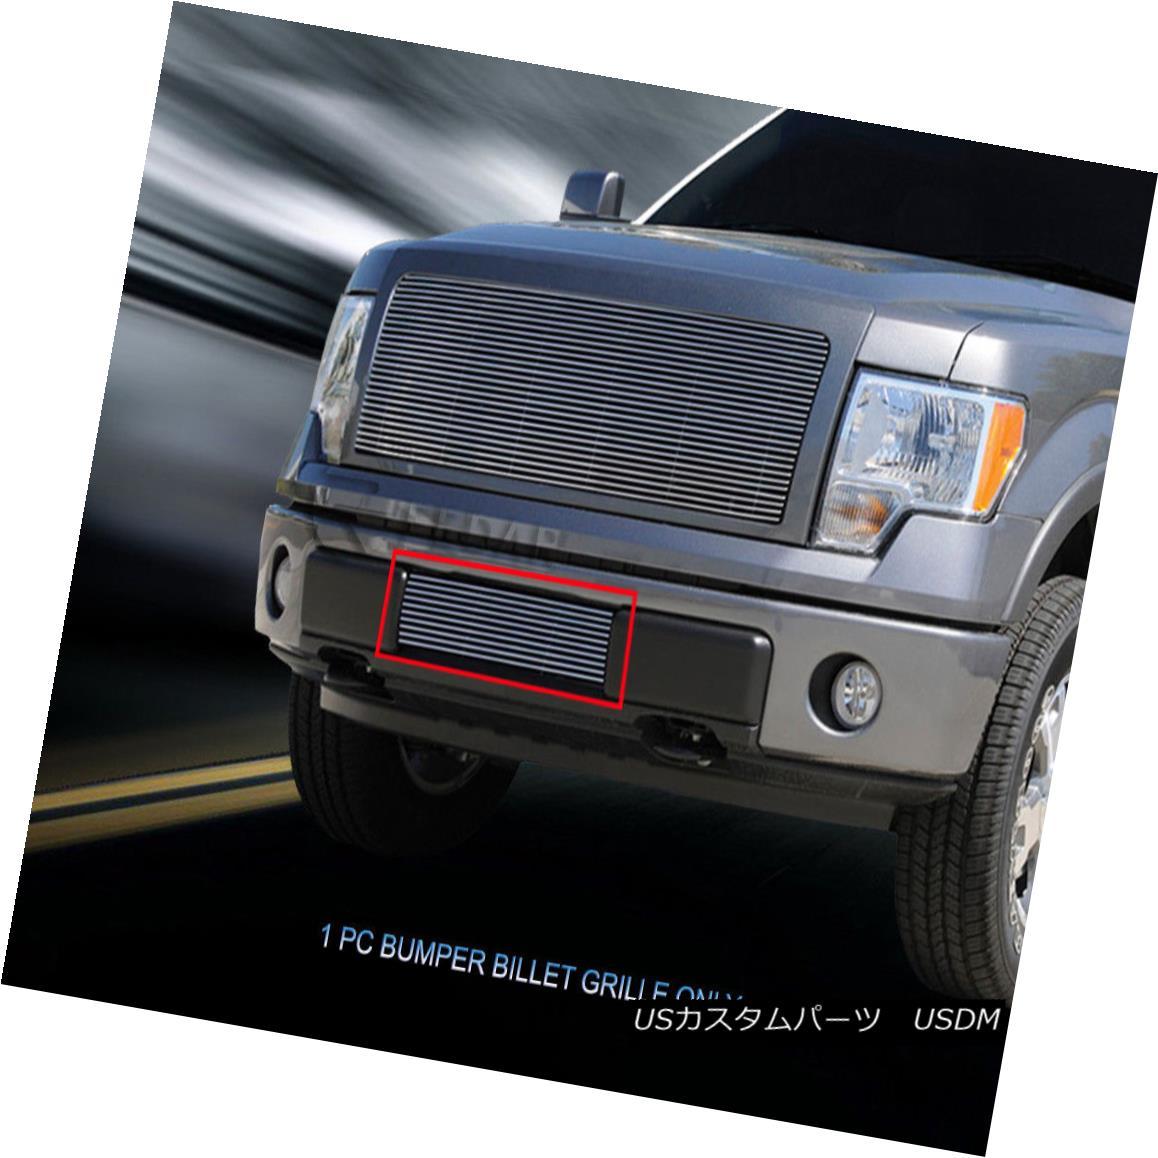 グリル 09-14 Ford F-150 F150 Replacement Billet Grille Upper Grill Insert Fedar 09-14 Ford F-150 F150交換用ビレットグリルアッパーグリルインサートFedar